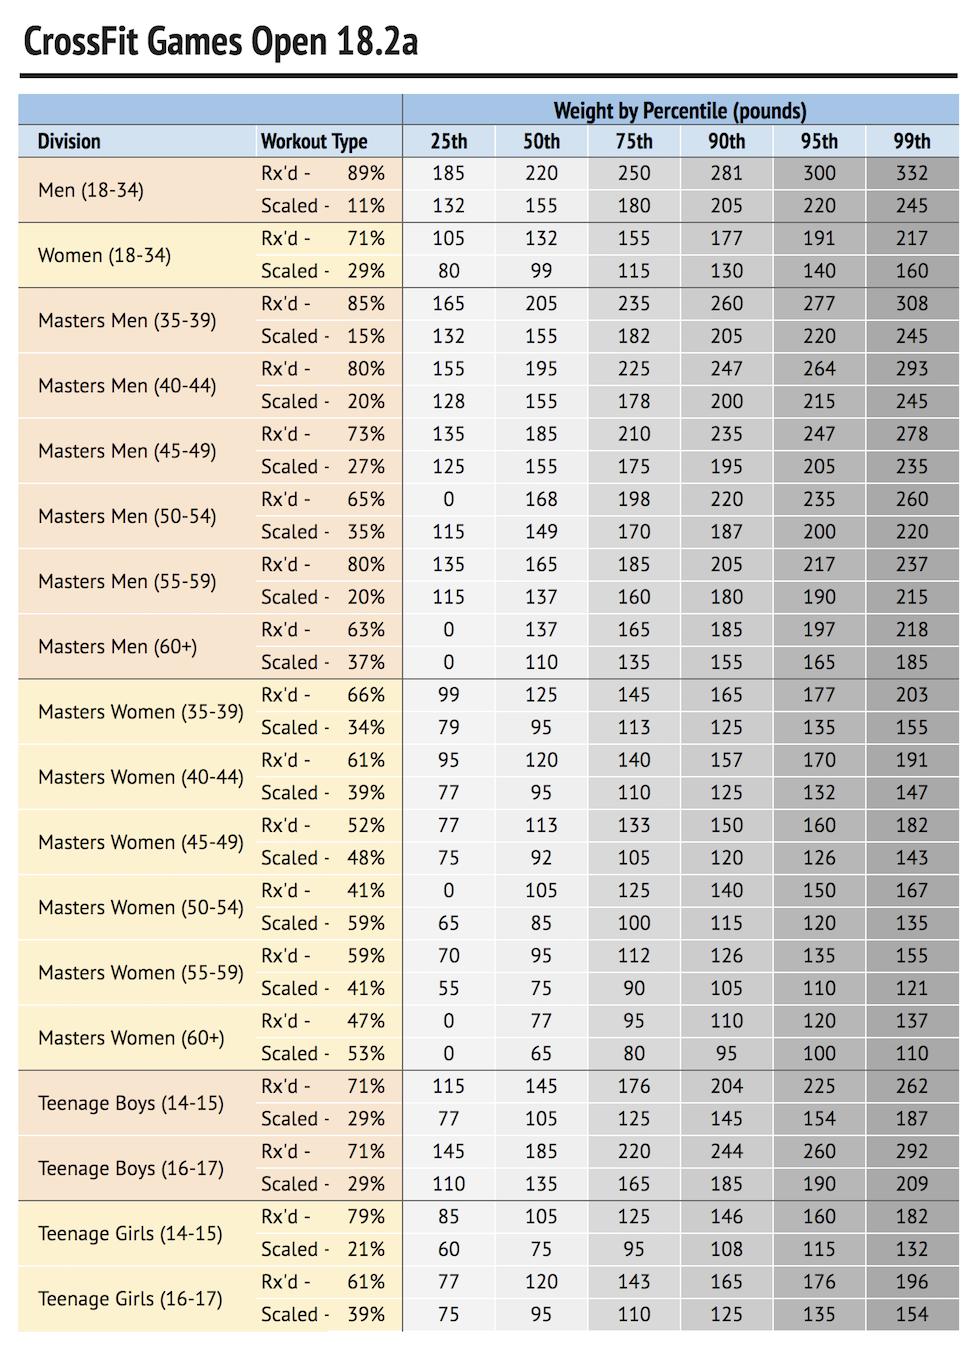 Open 18.2a Percentiles